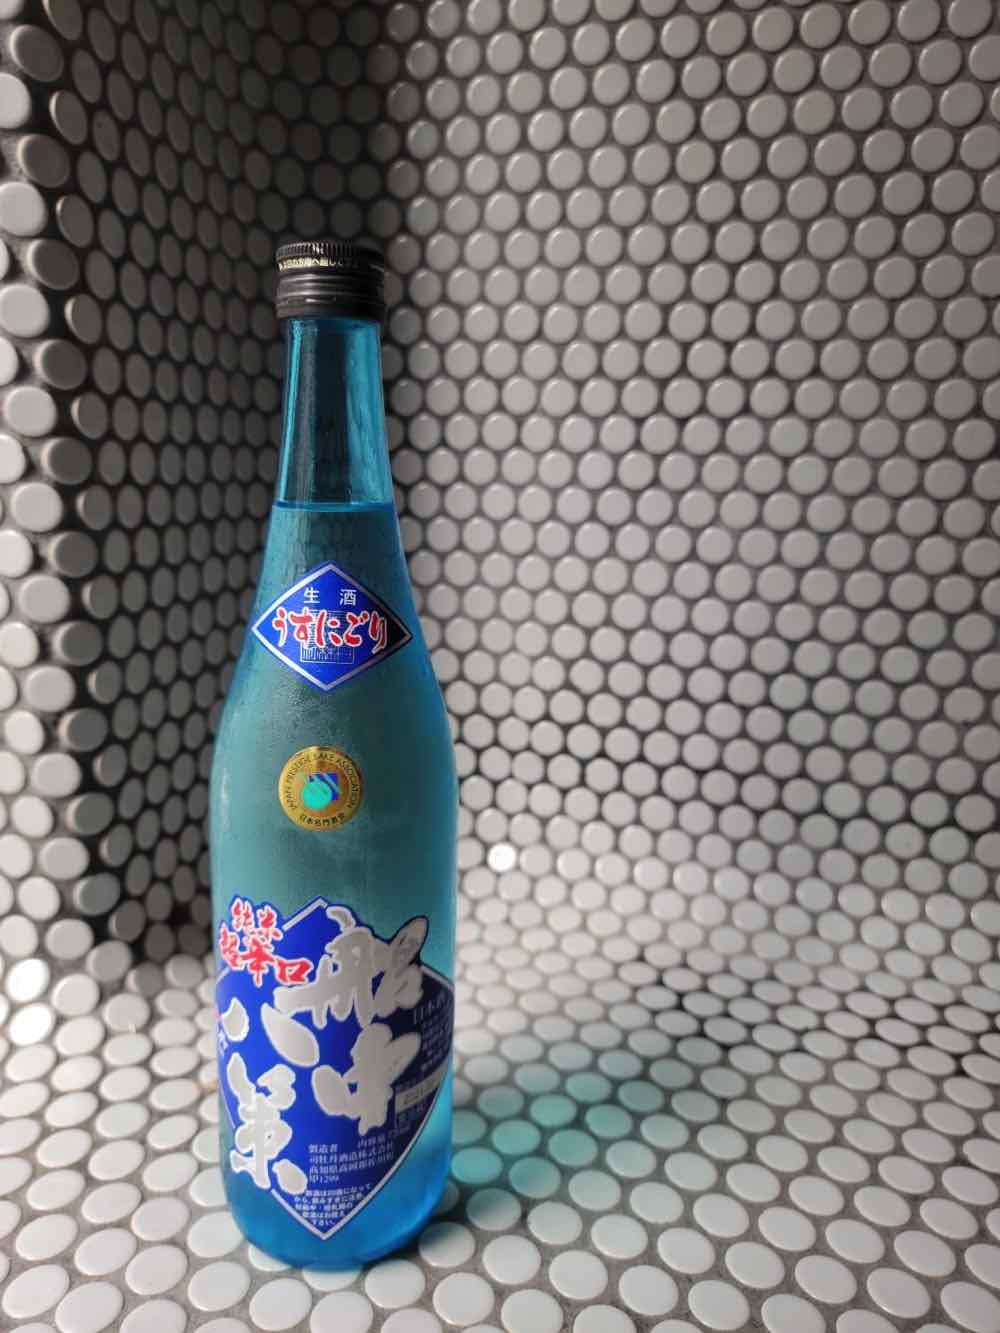 Okra Hong Kong 清酒